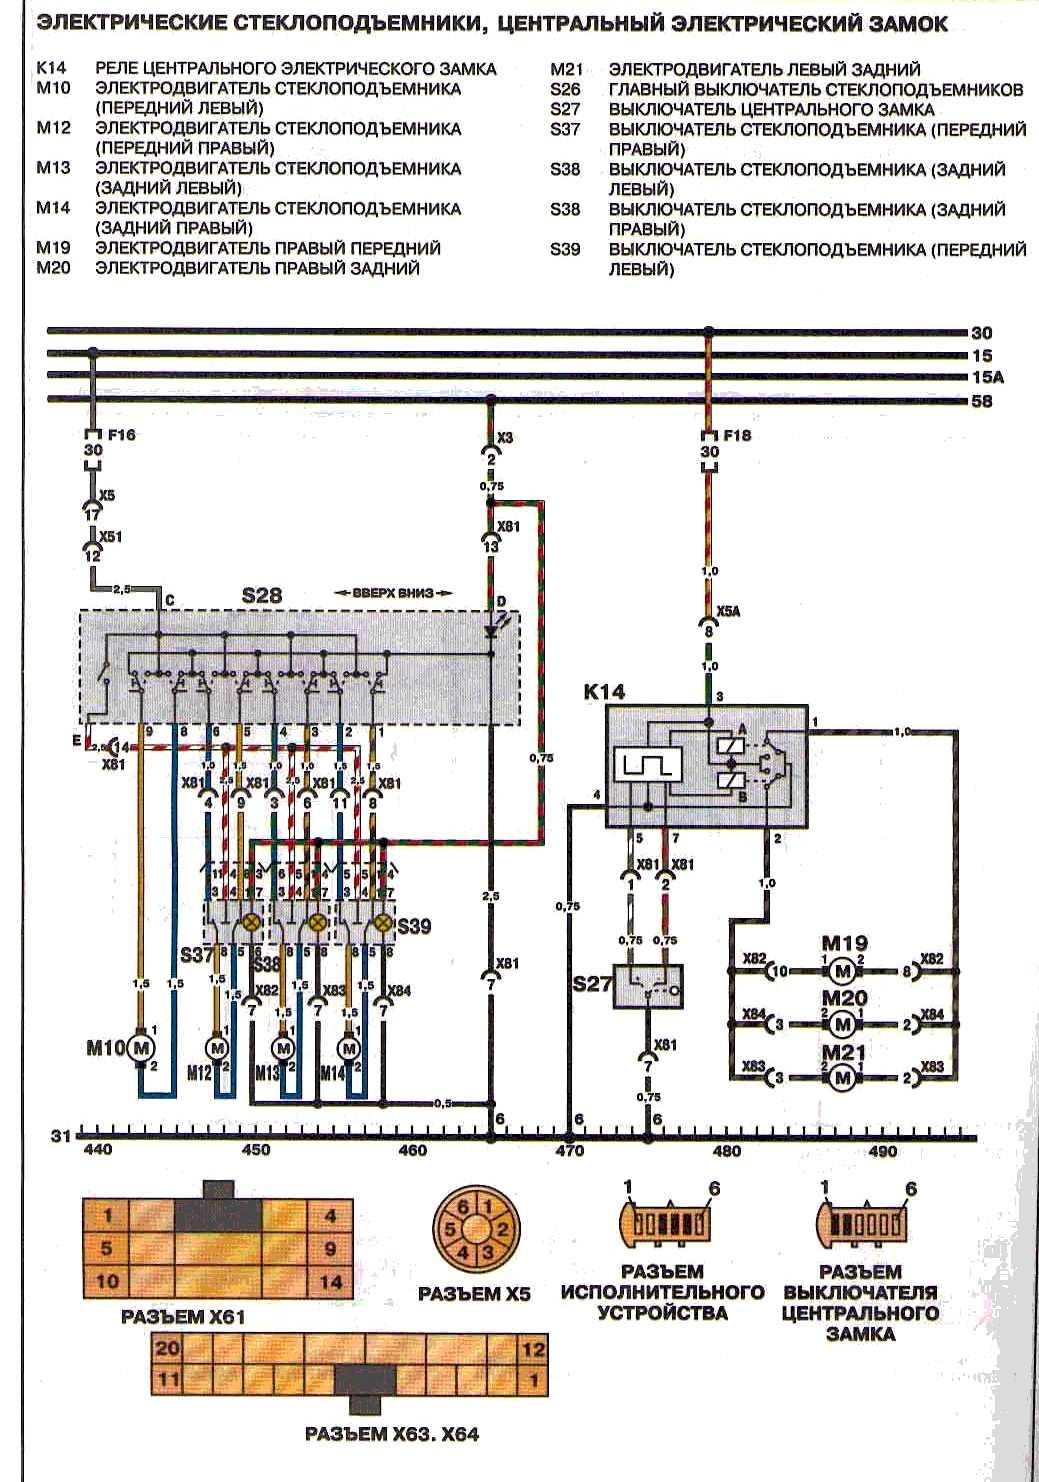 Электрические стеклоподъемники, центральный электрический замок.